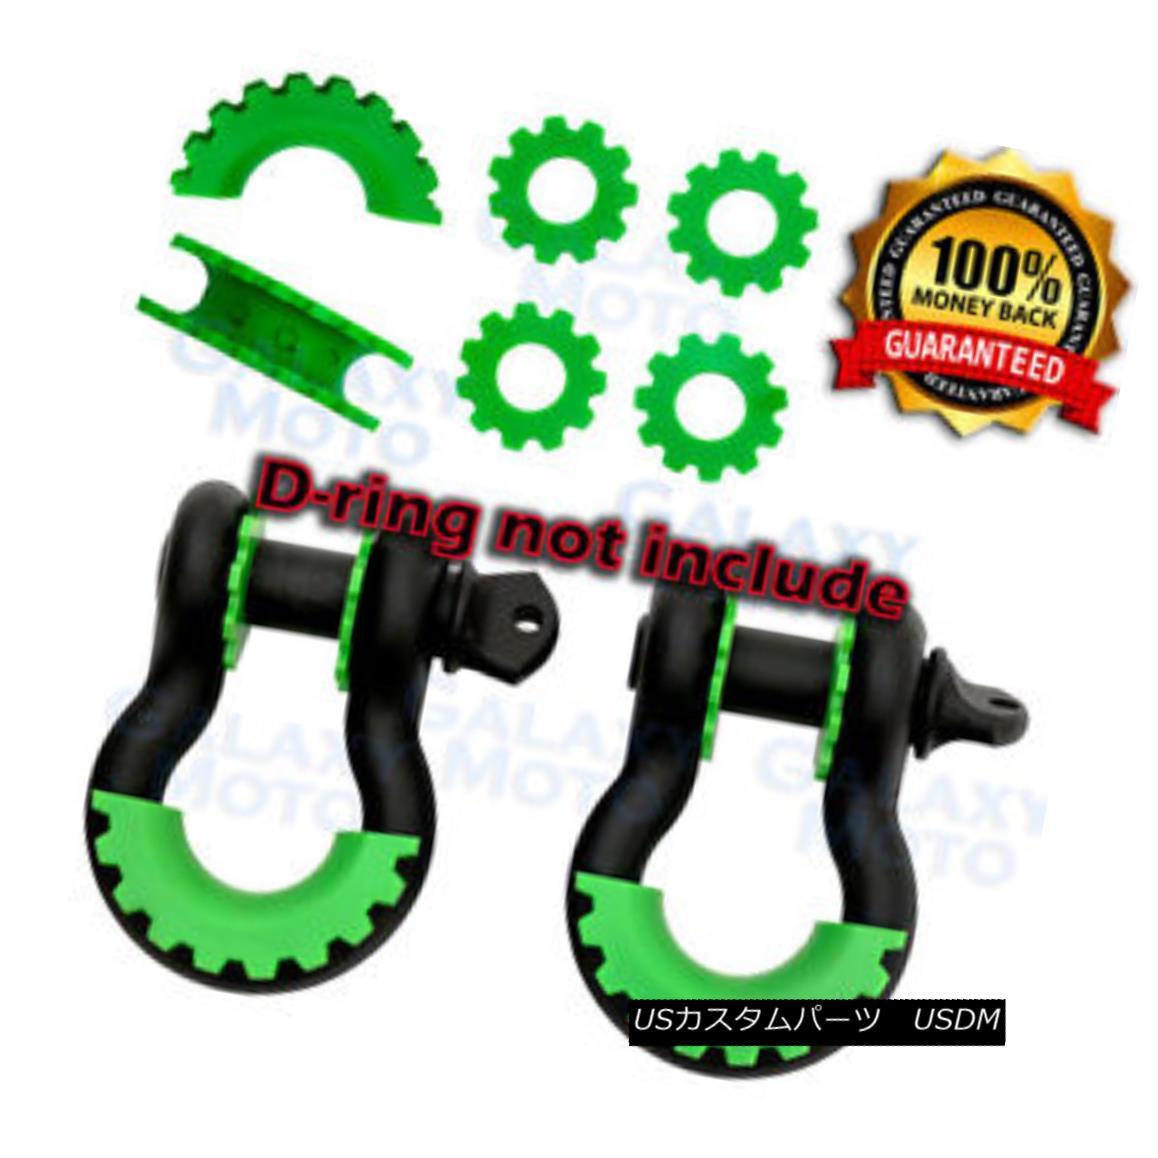 グリル Green D-Ring Shackle Isolator & Washers 6pcs Set Rattling Protection Cover Kits グリーンDリングシャックルアイソレータ& ワッシャー6個セット防護カバーキット